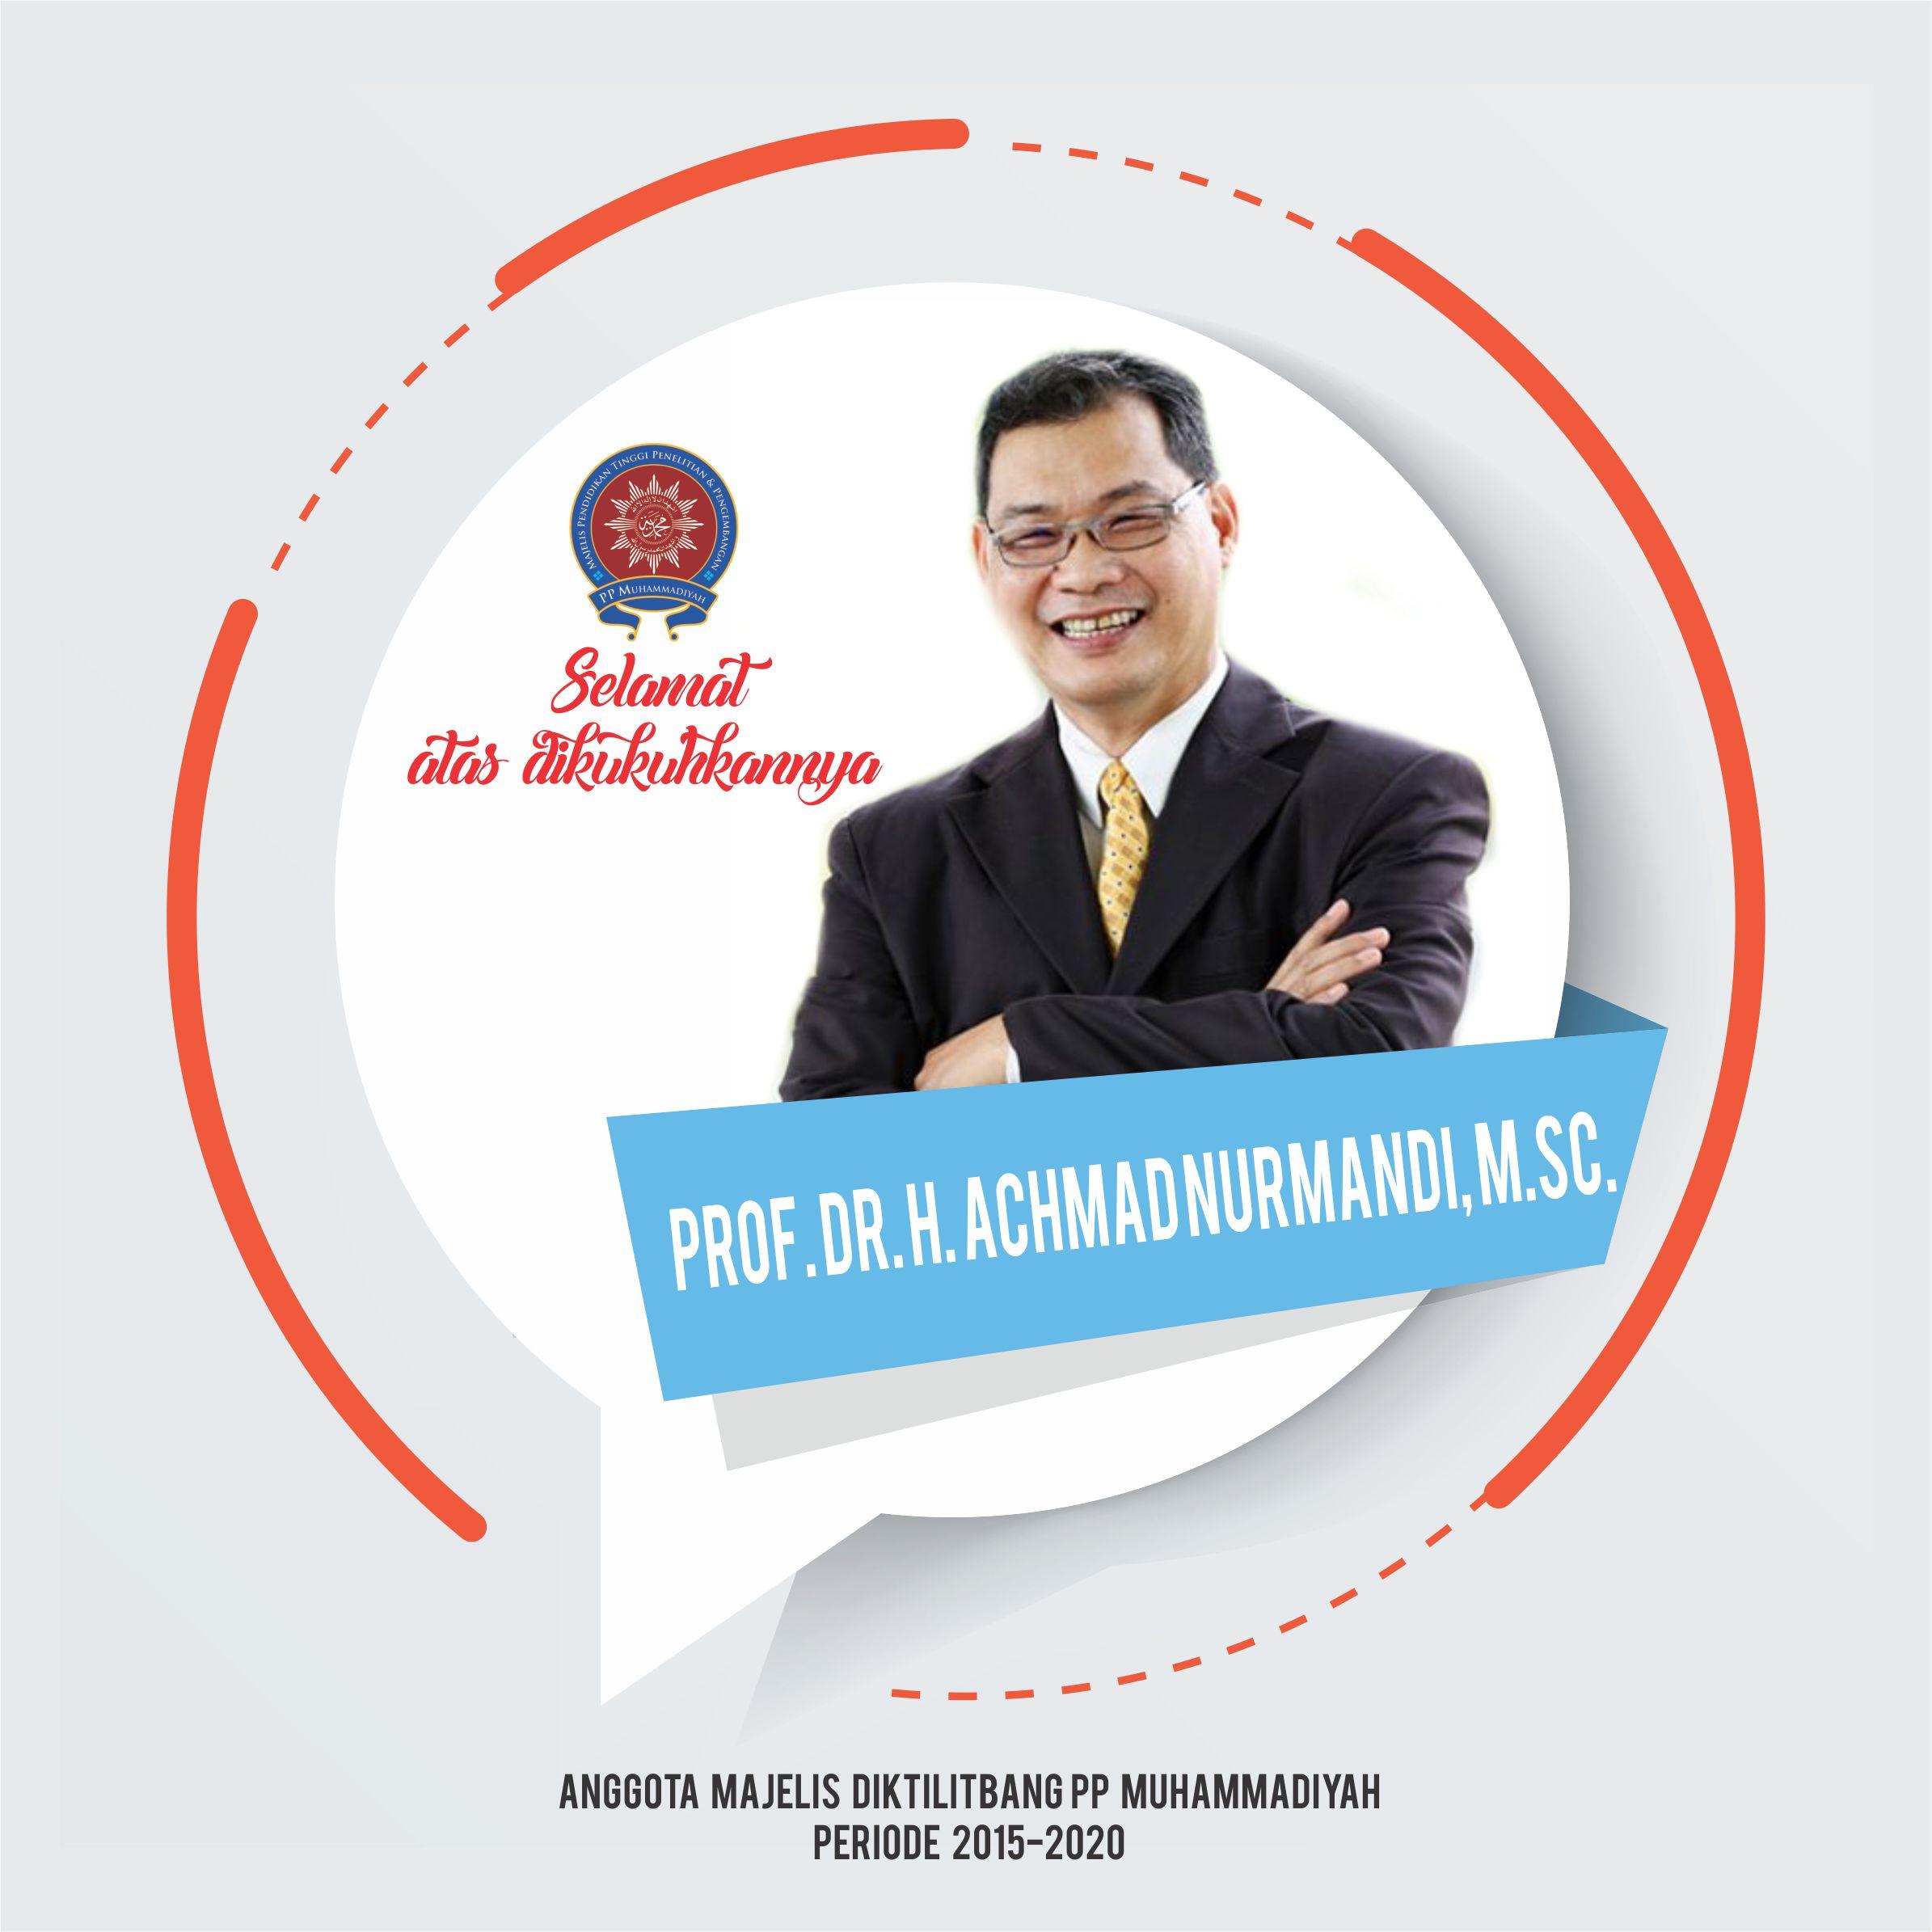 Dr Wanjala Samson H M: Pengukuhan Prof. Dr. H. Achmad Nurmandi, M.Sc.